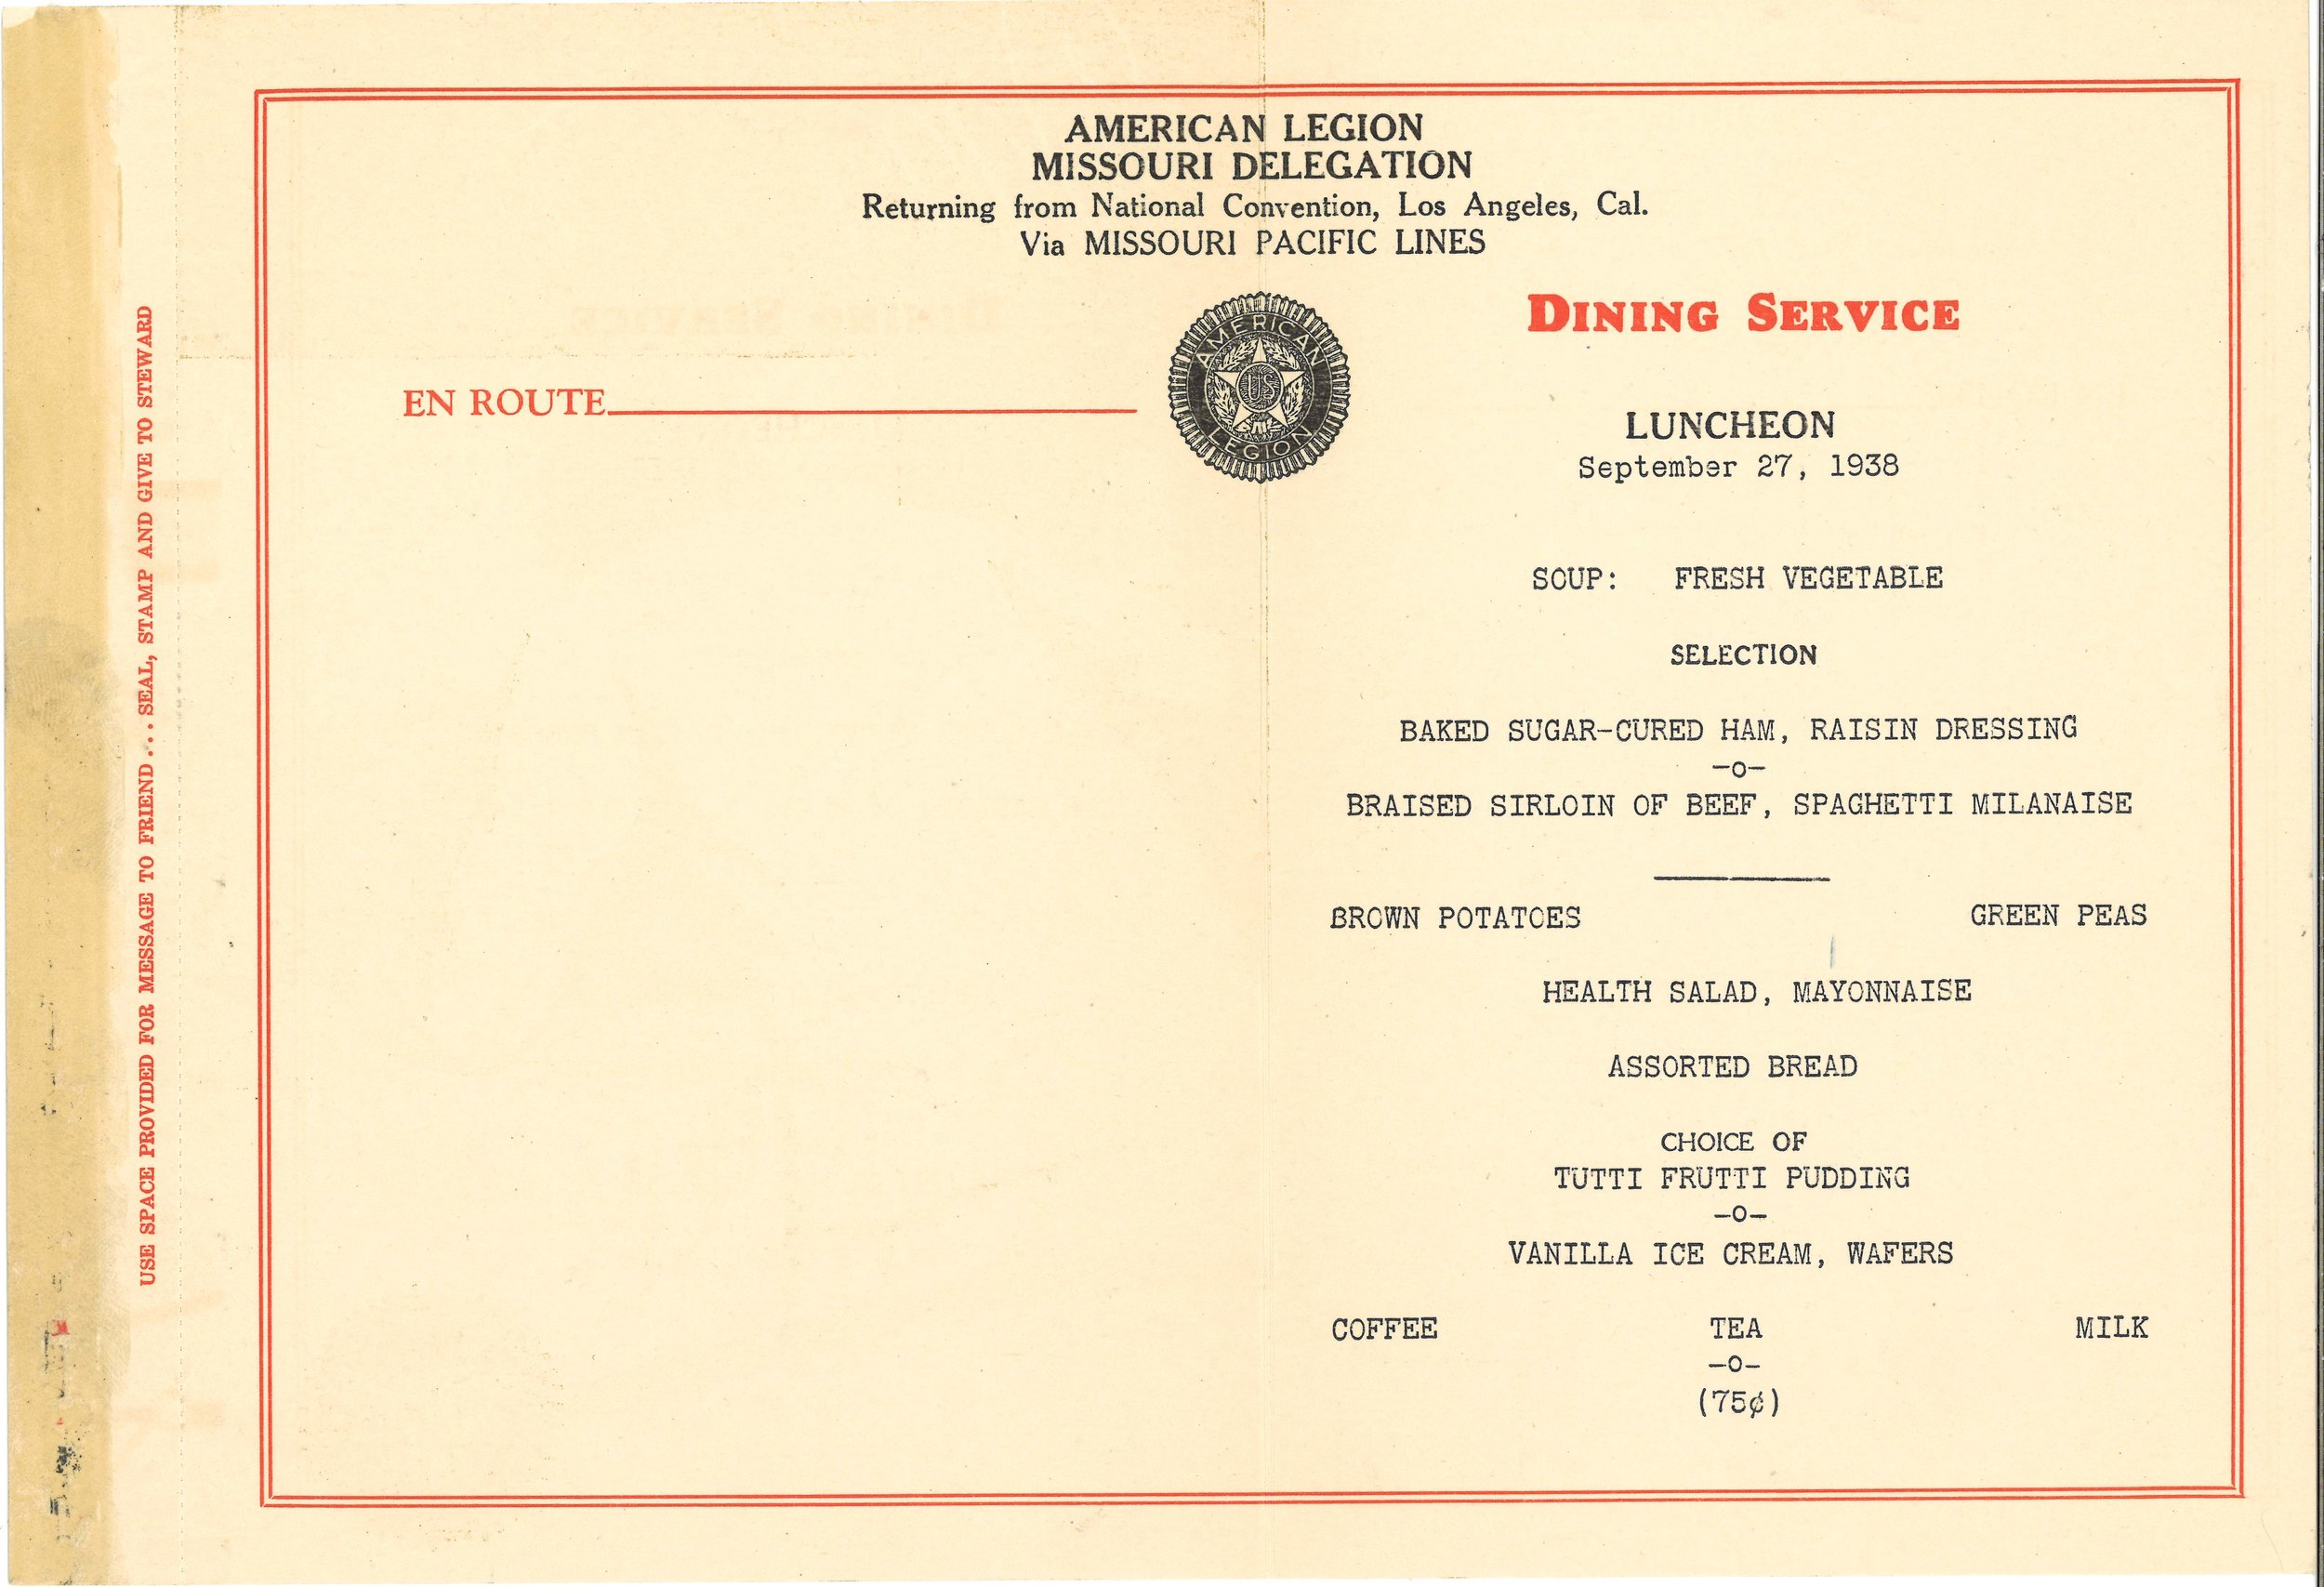 SP American Legion Missouri Delegation Dinner Menu_small.jpg